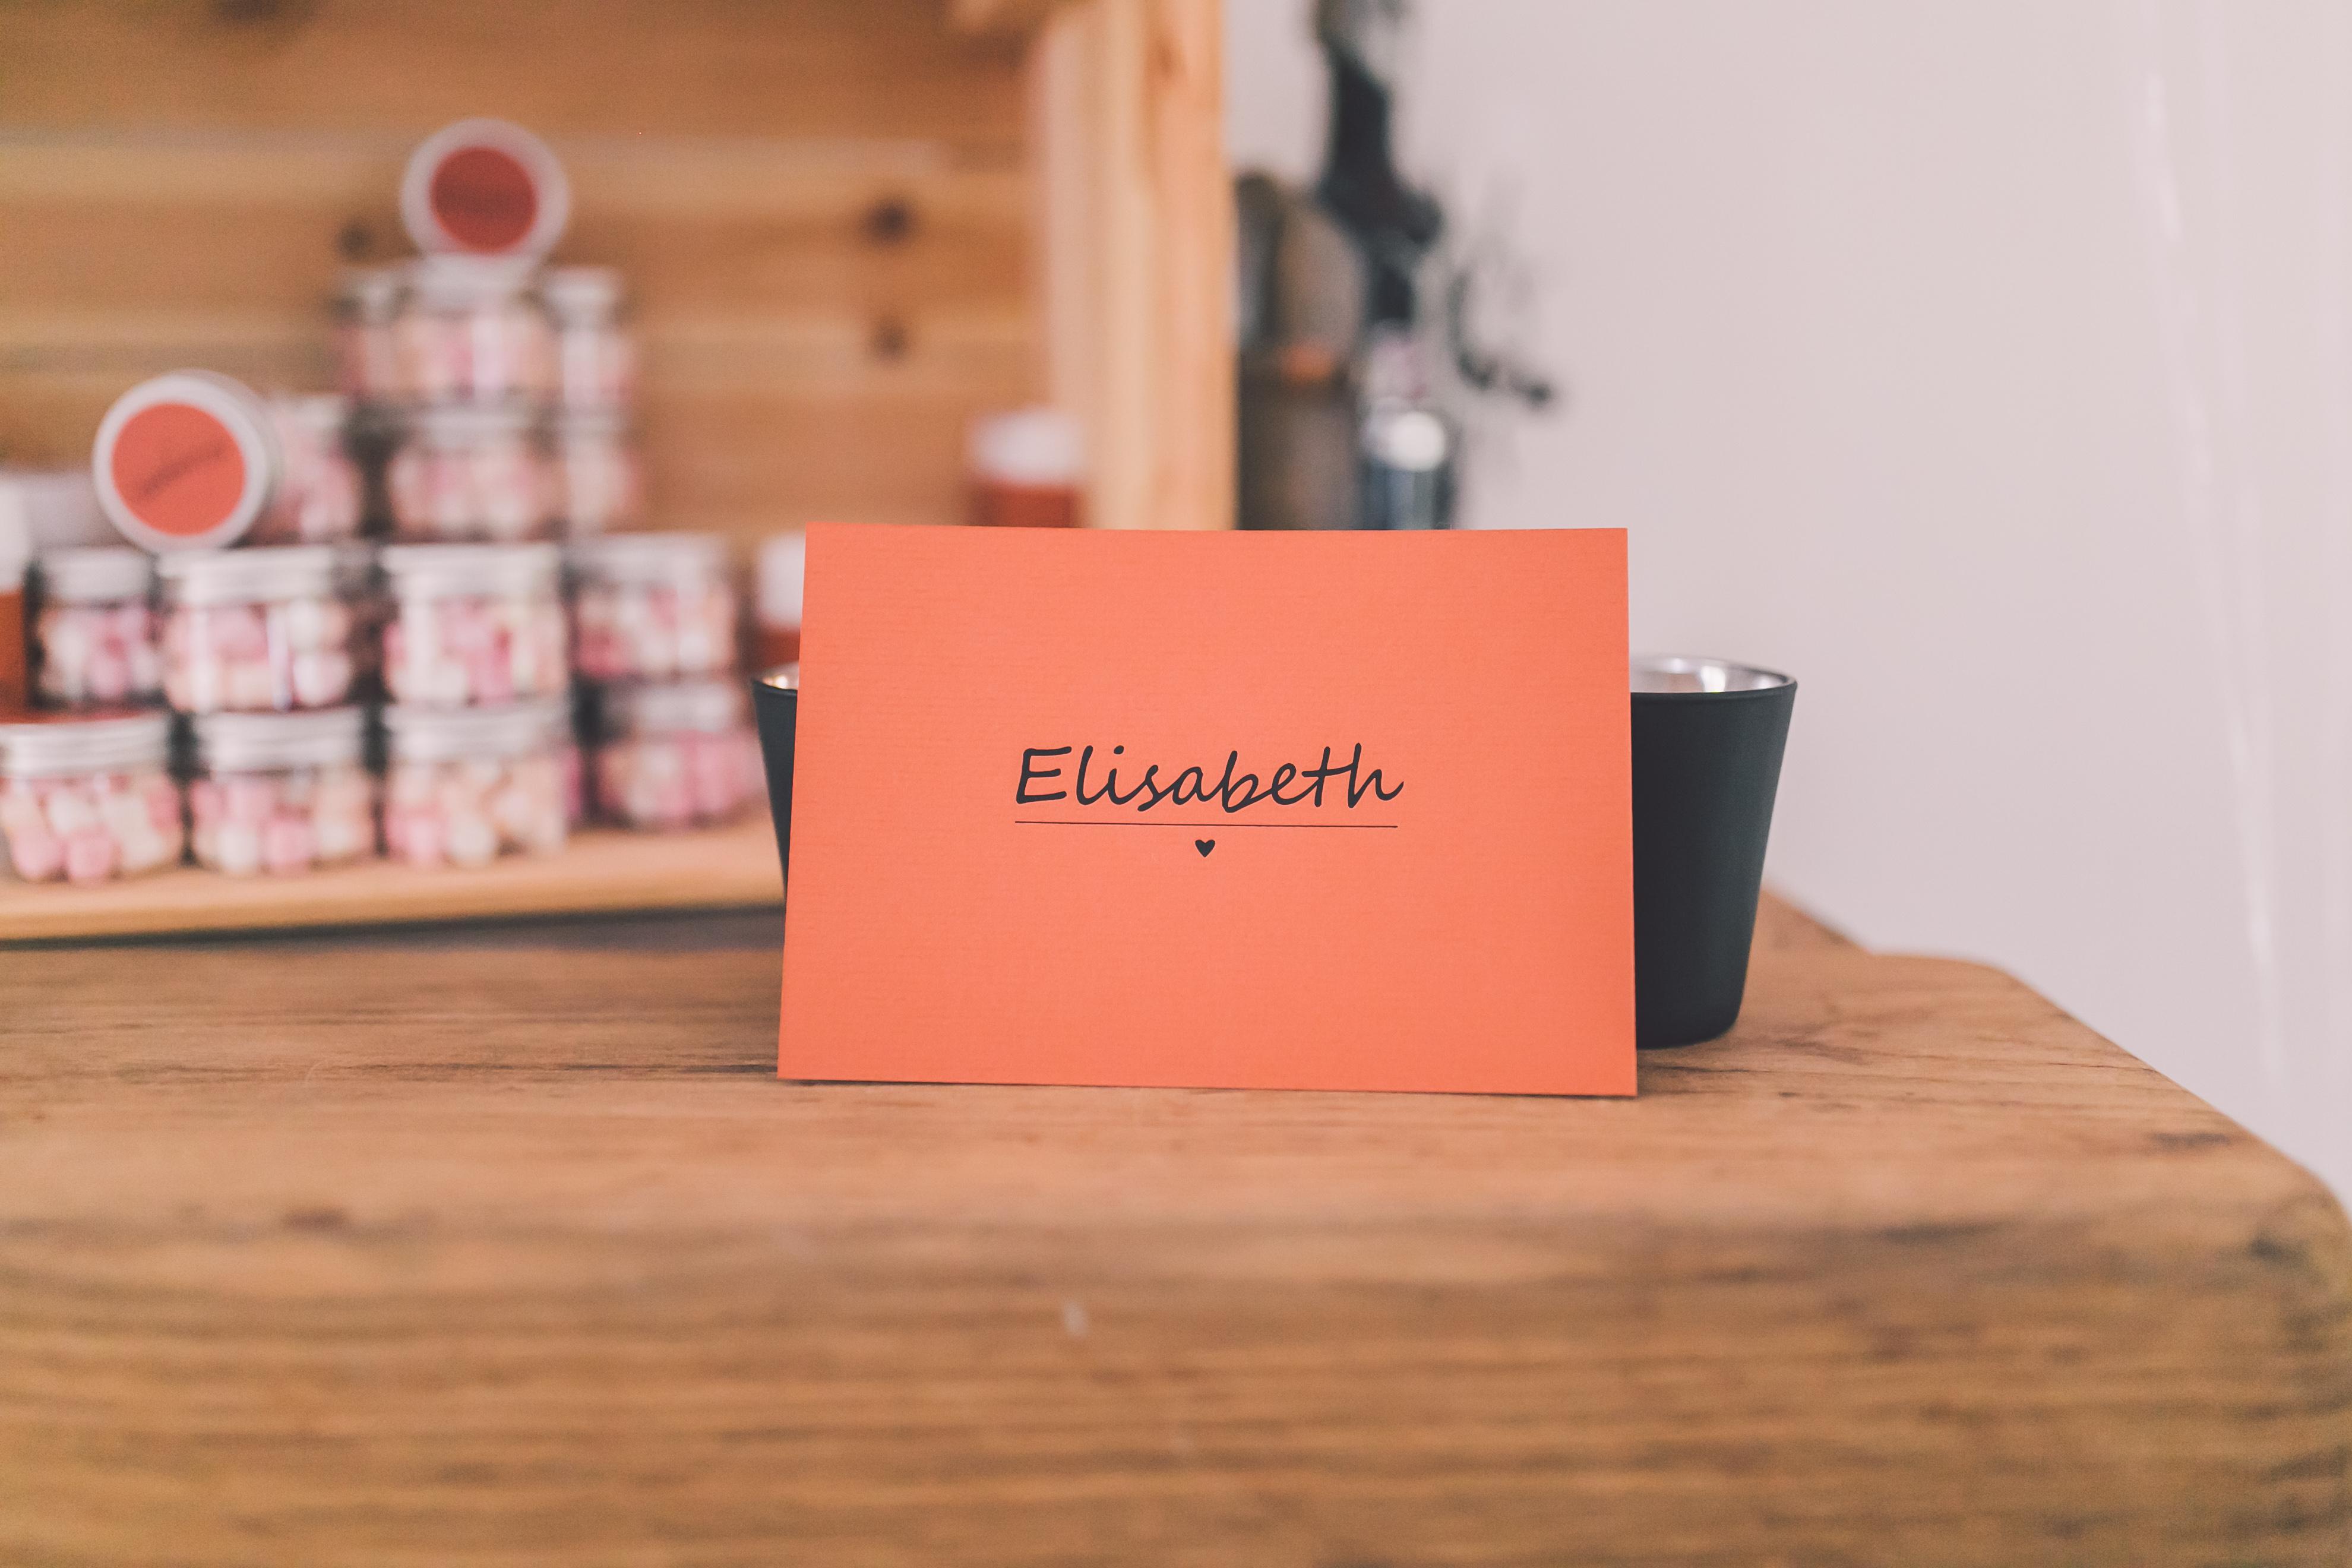 ELISABETH-3108